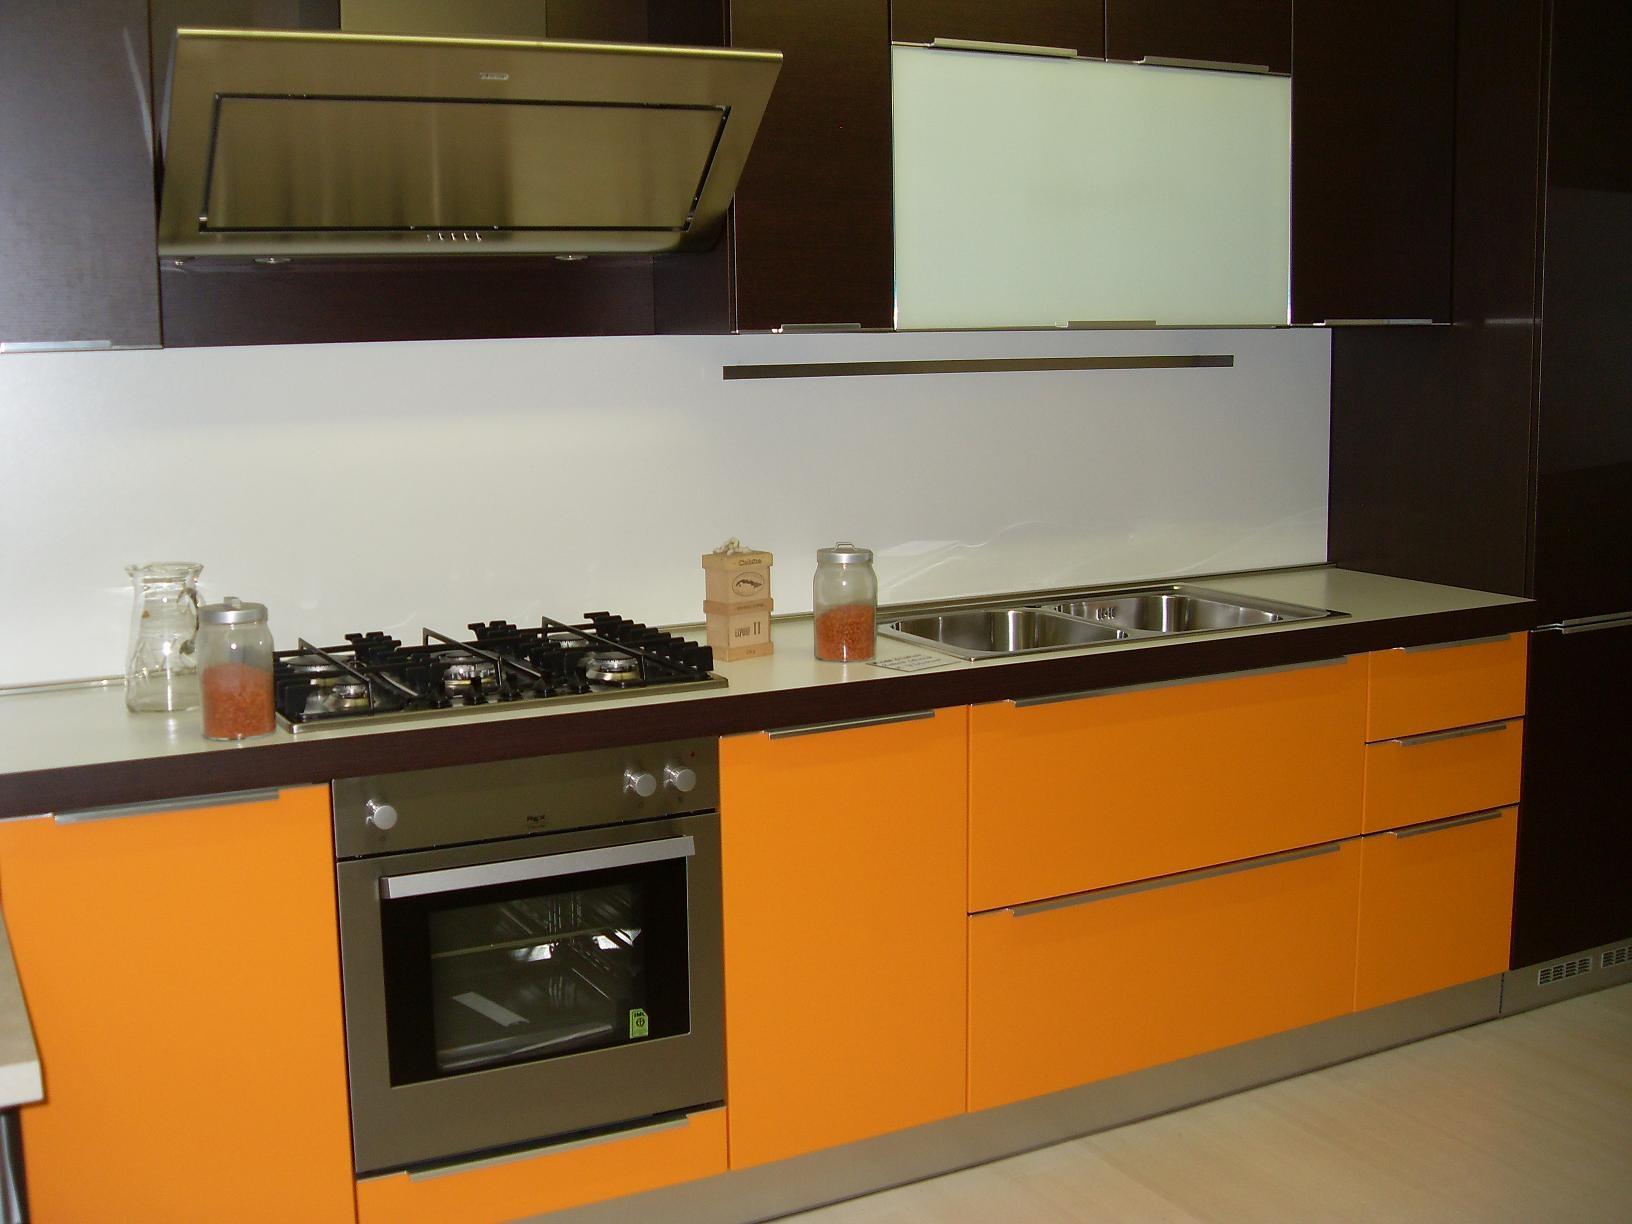 Cucina arredo3 diva moderna laminato opaco arancio - Laminato in cucina ...